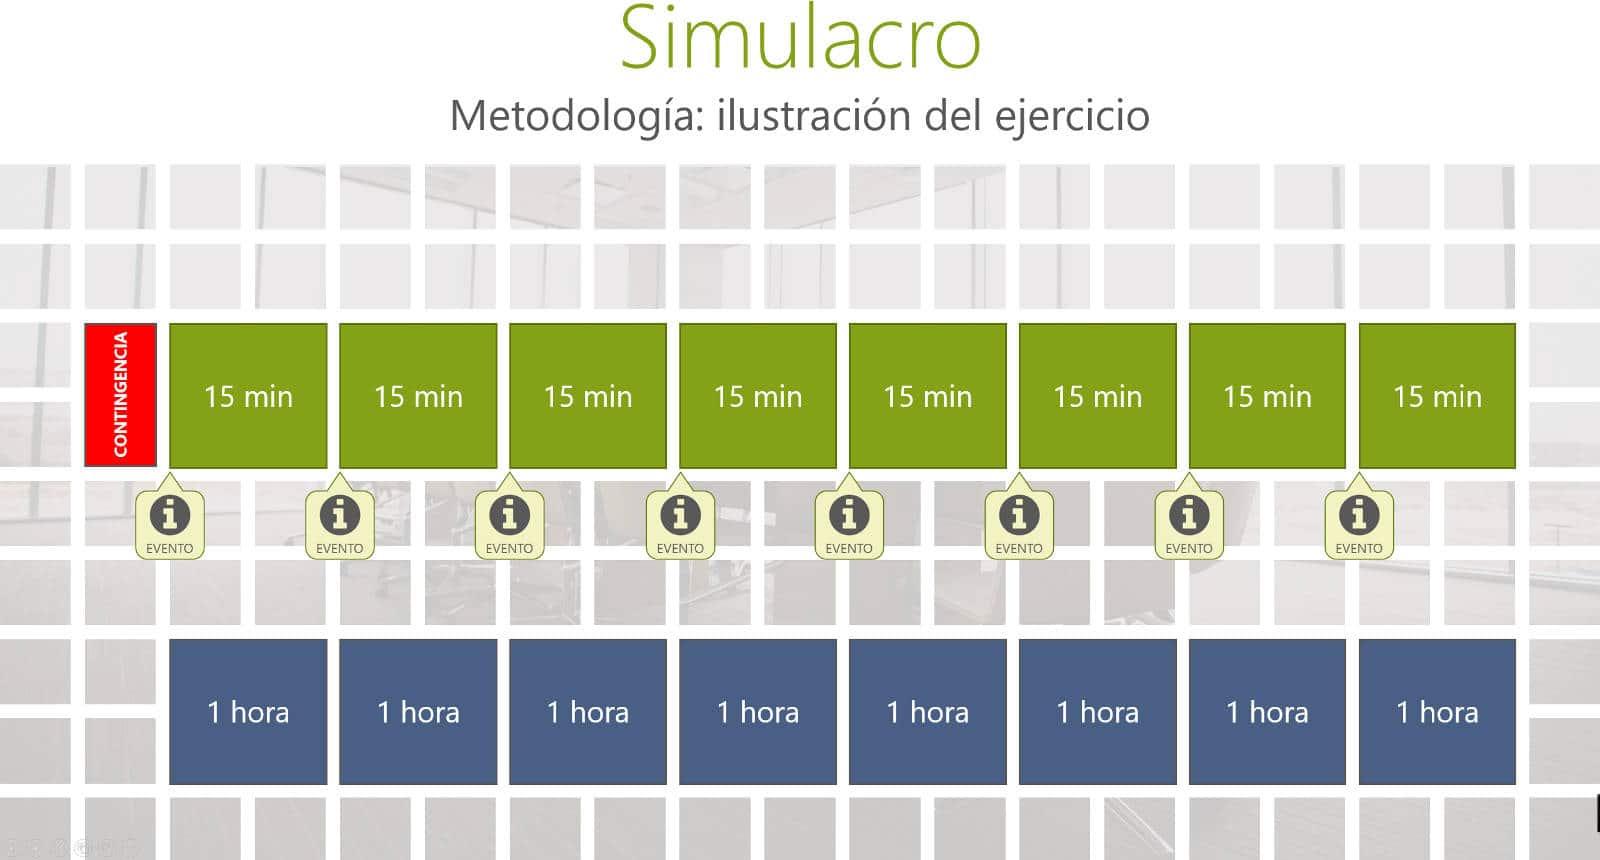 Metodología para el simulacro